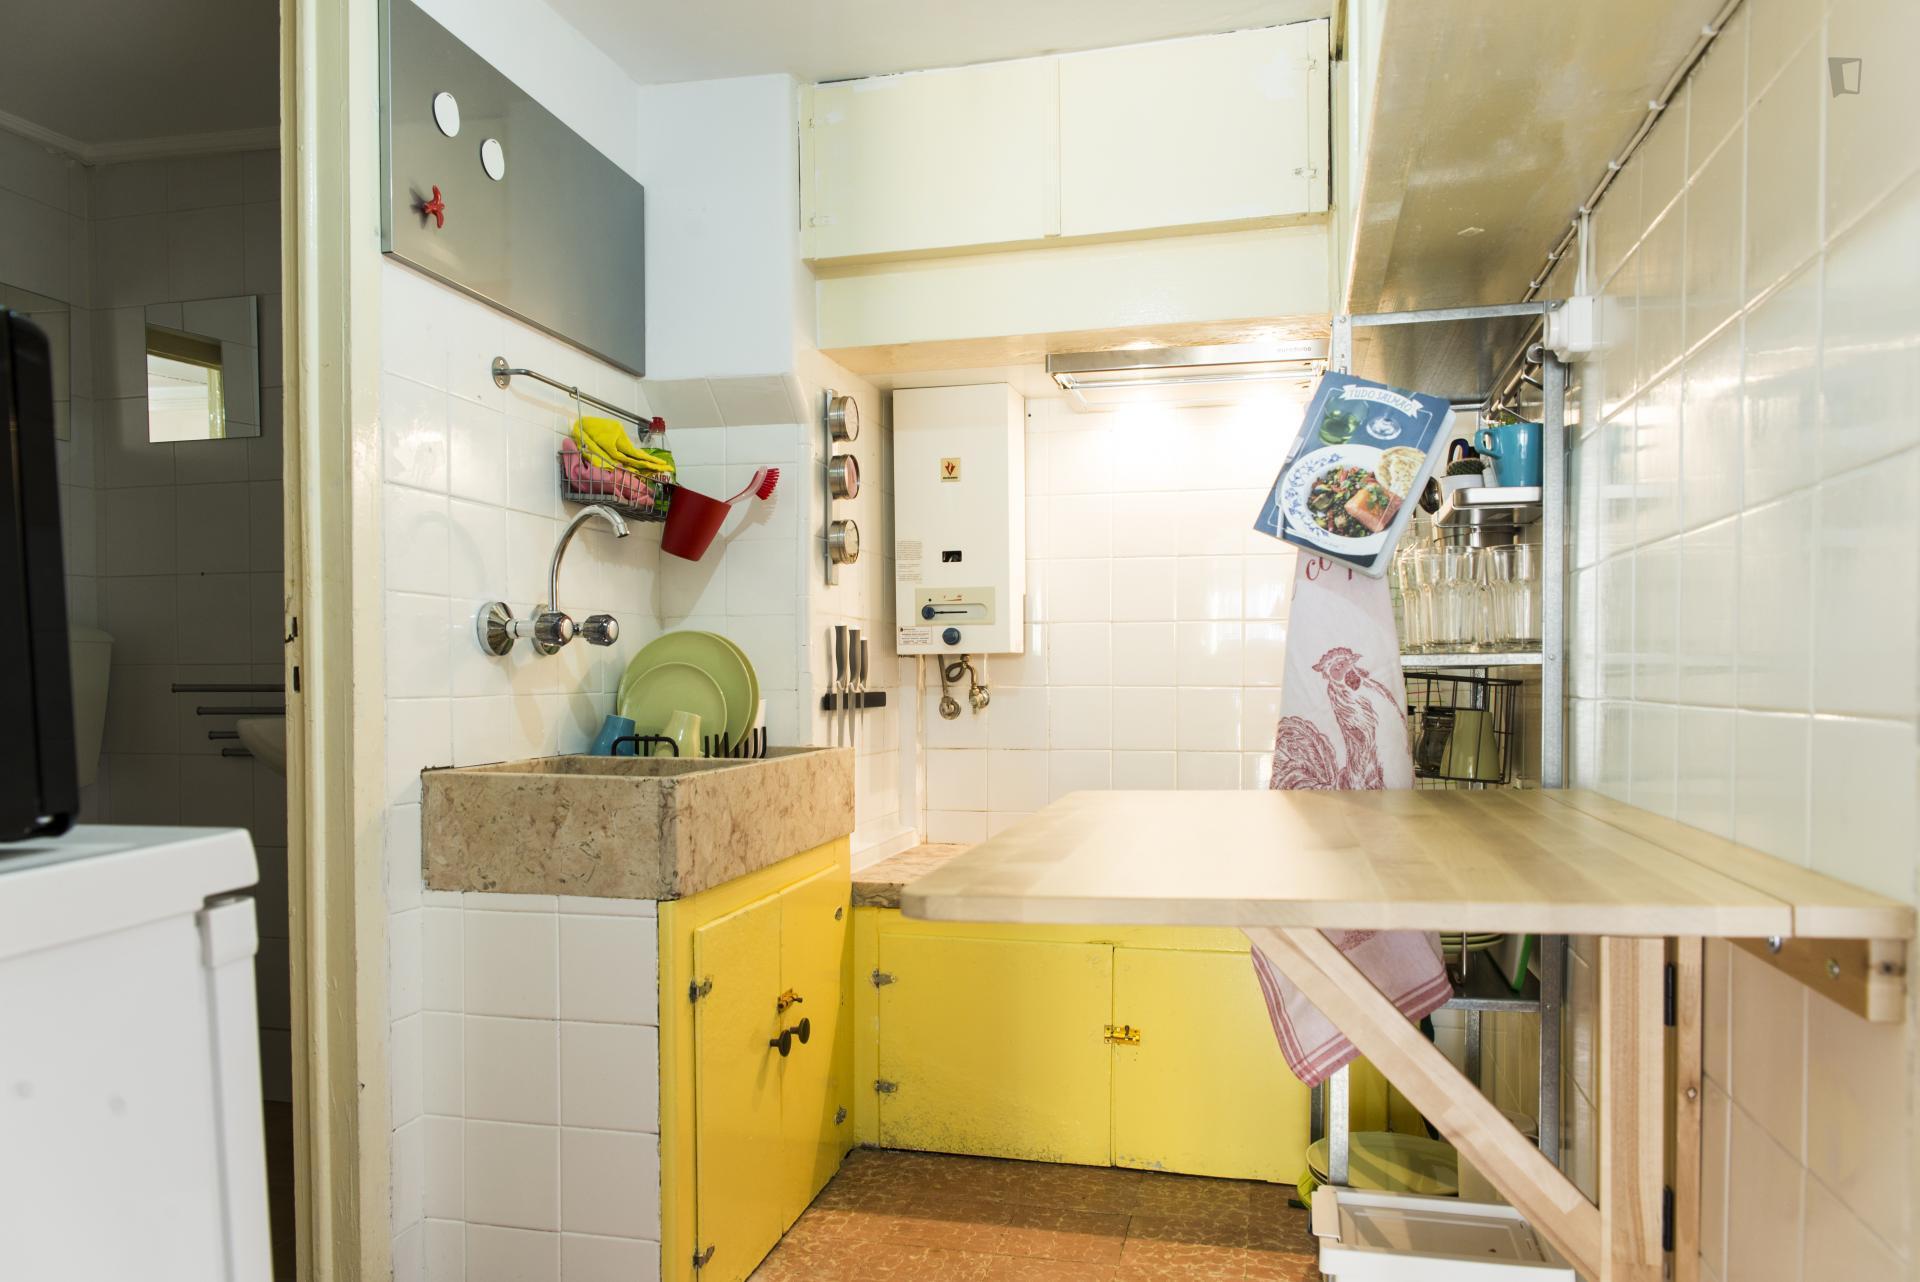 Pescadores - 2 bedrooms house in Lisbon